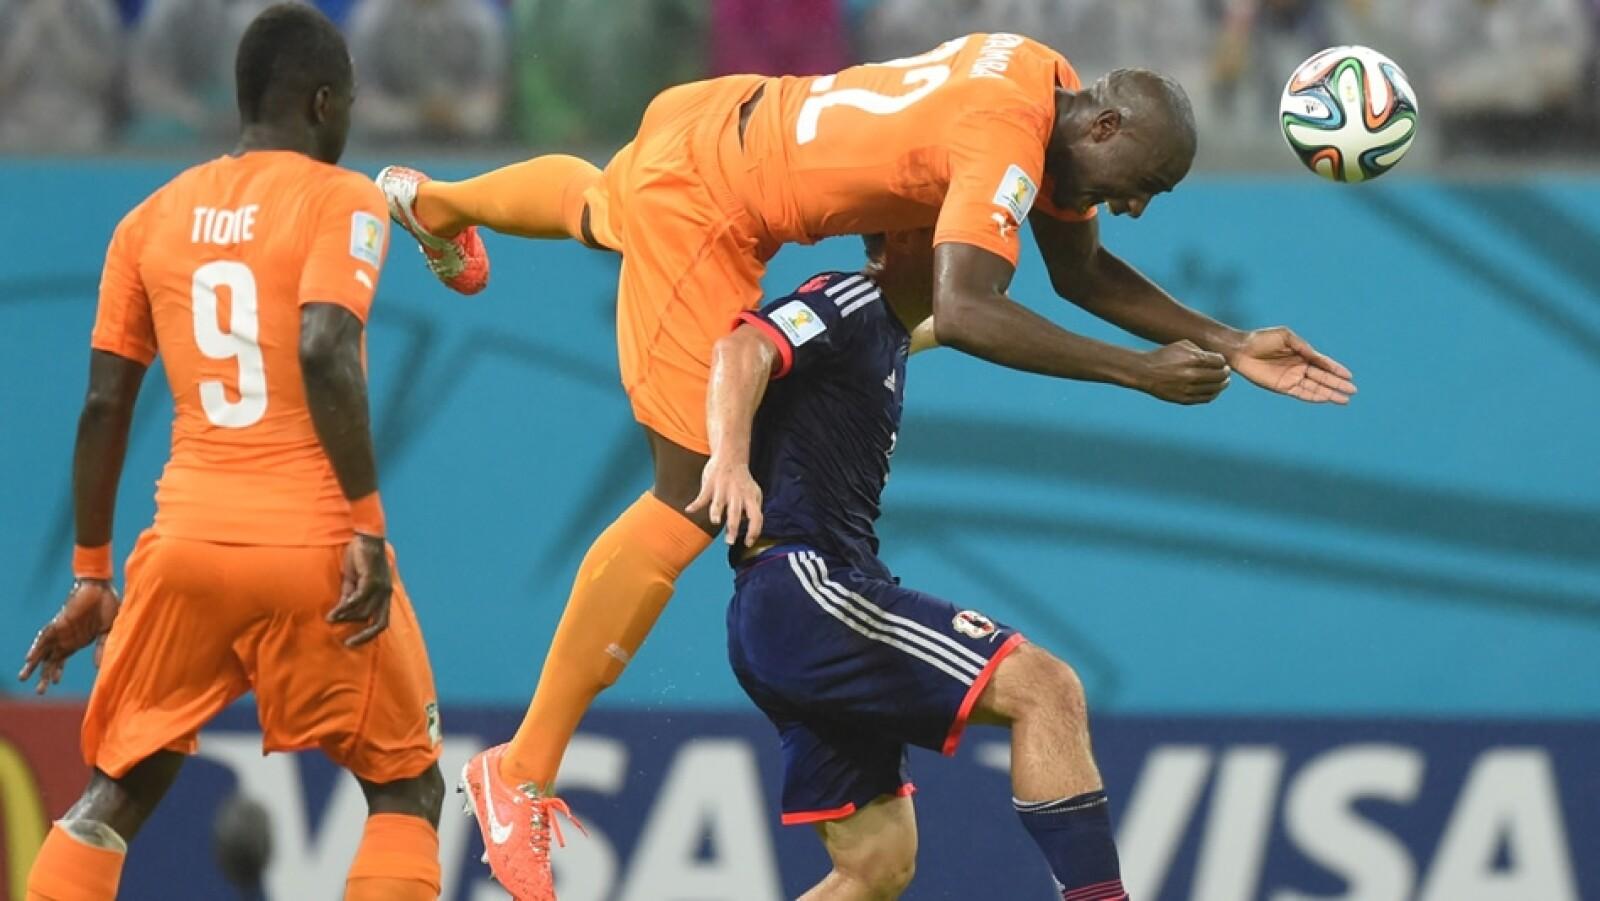 La defensa africana mostró empeño en no permitir goles y Souleymane Bamba (centro) tuvo una buena actuación